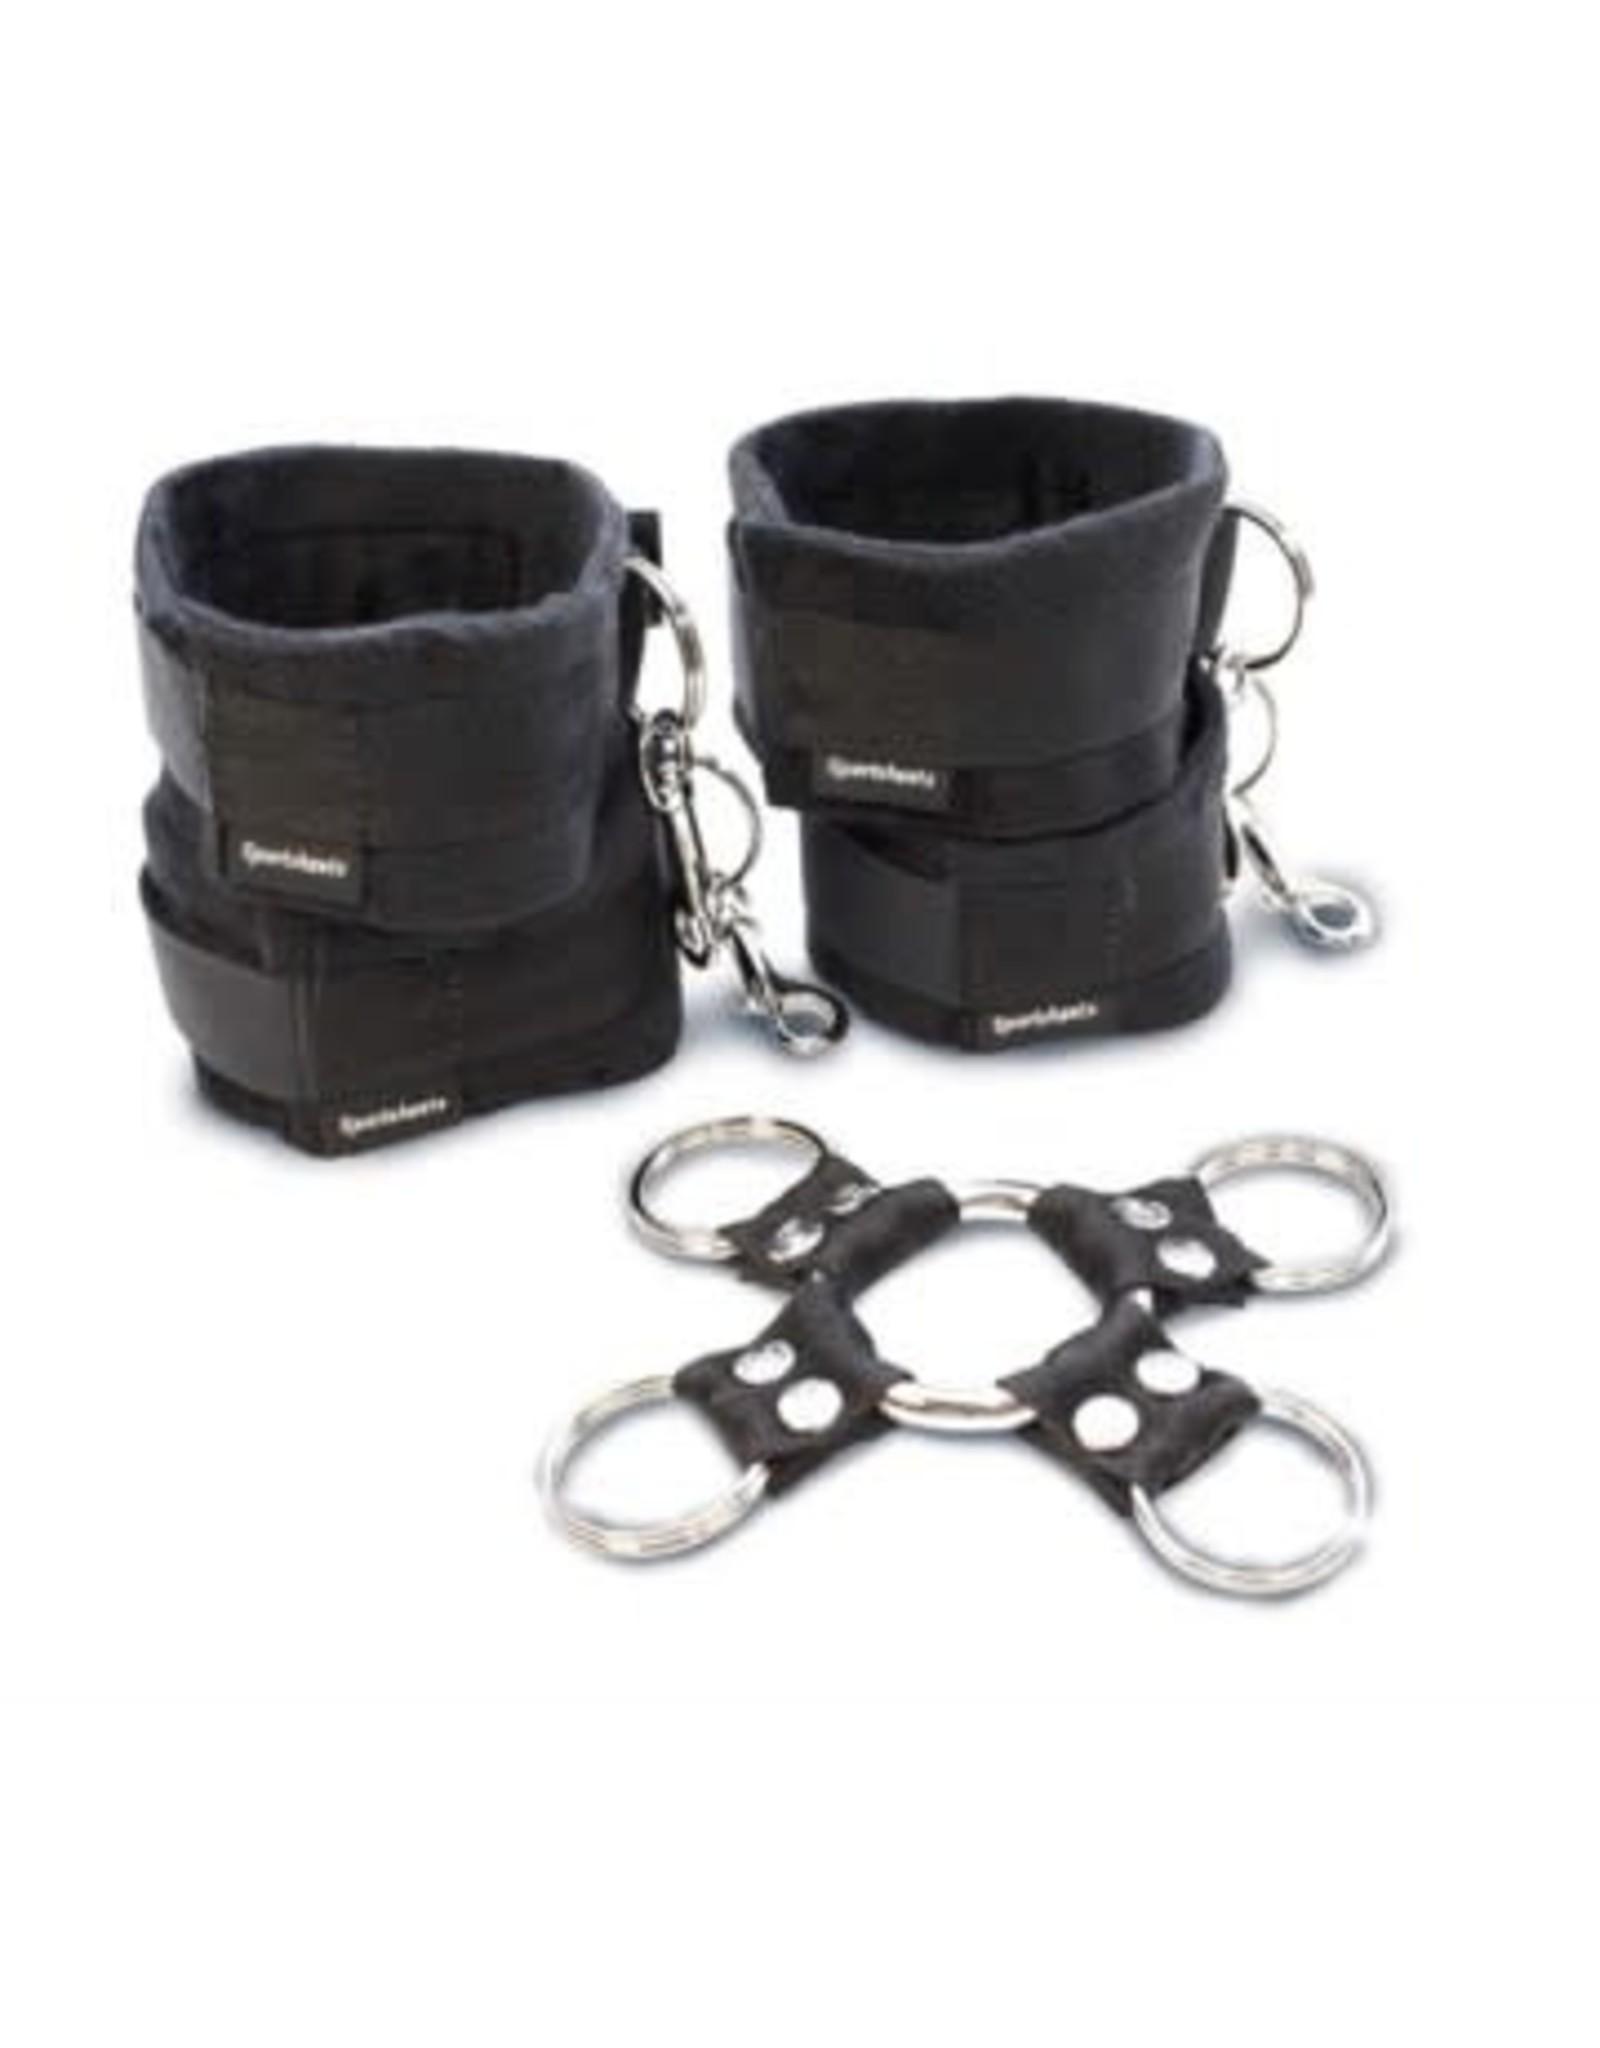 5 Piece Hog Tie & Cuff Set